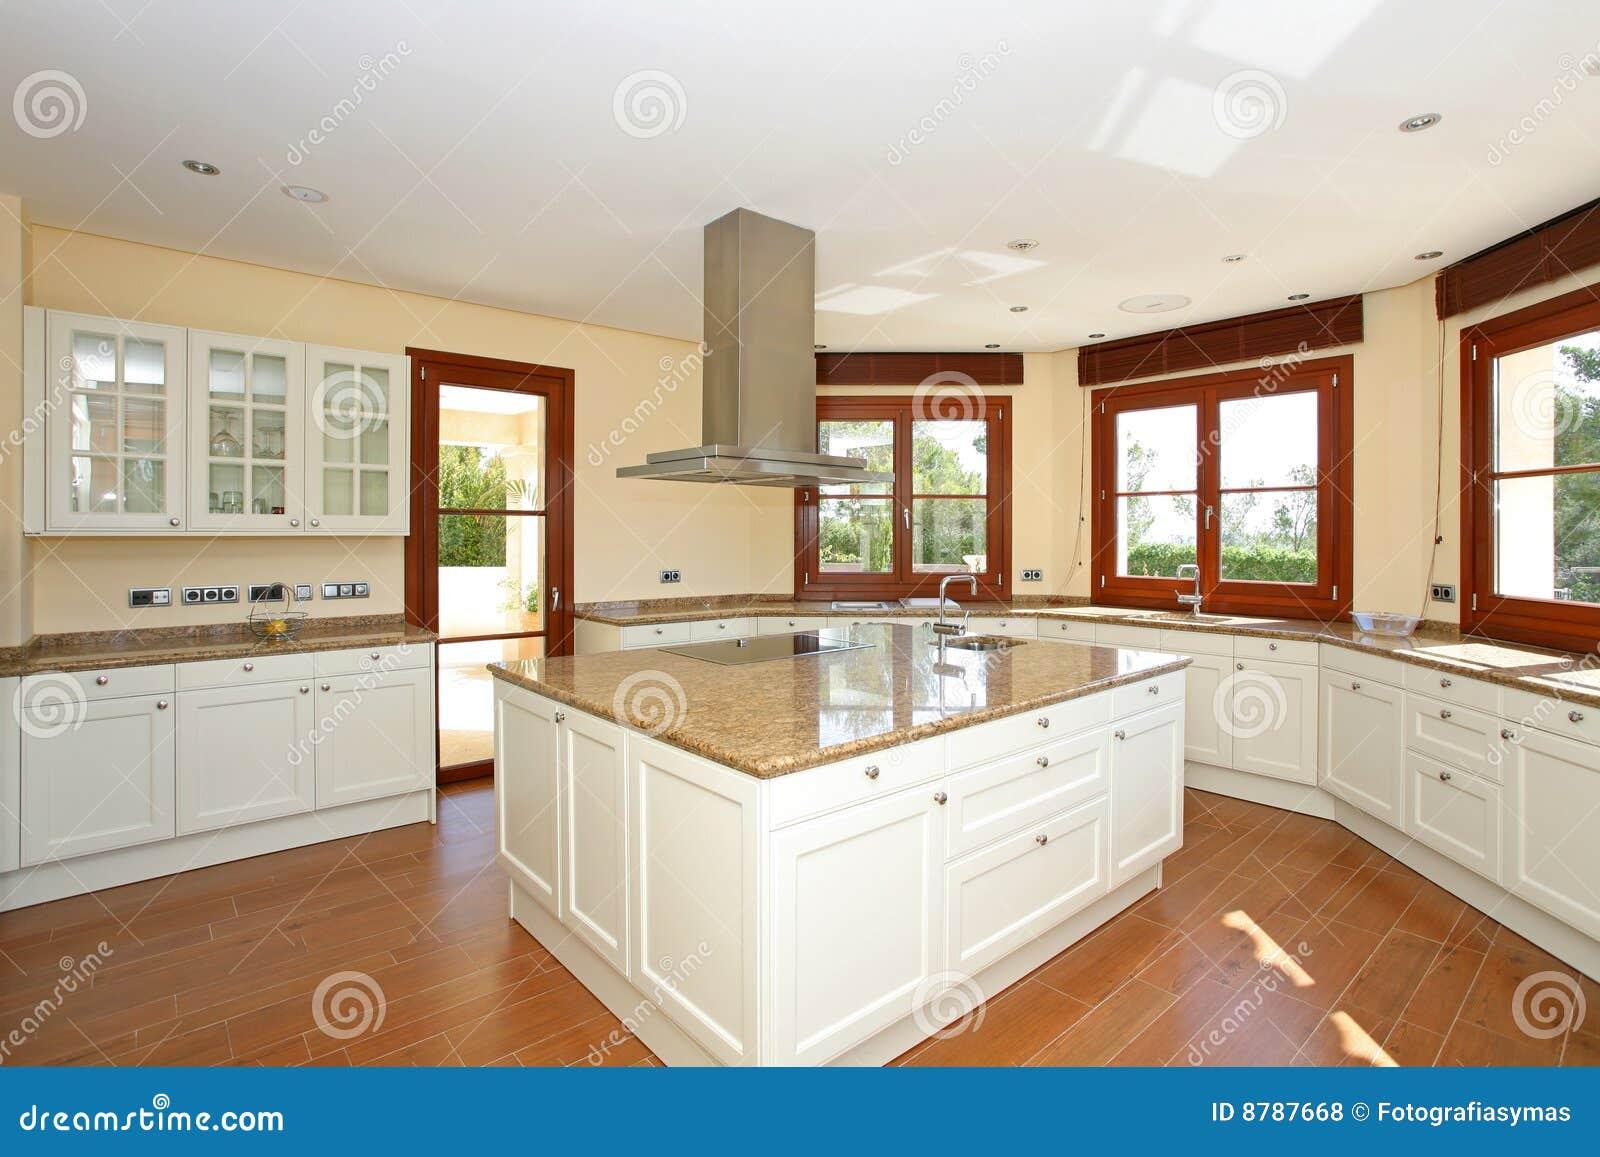 Cocina de lujo moderna foto de archivo imagen de cajones - Isla de cocina moderna ...